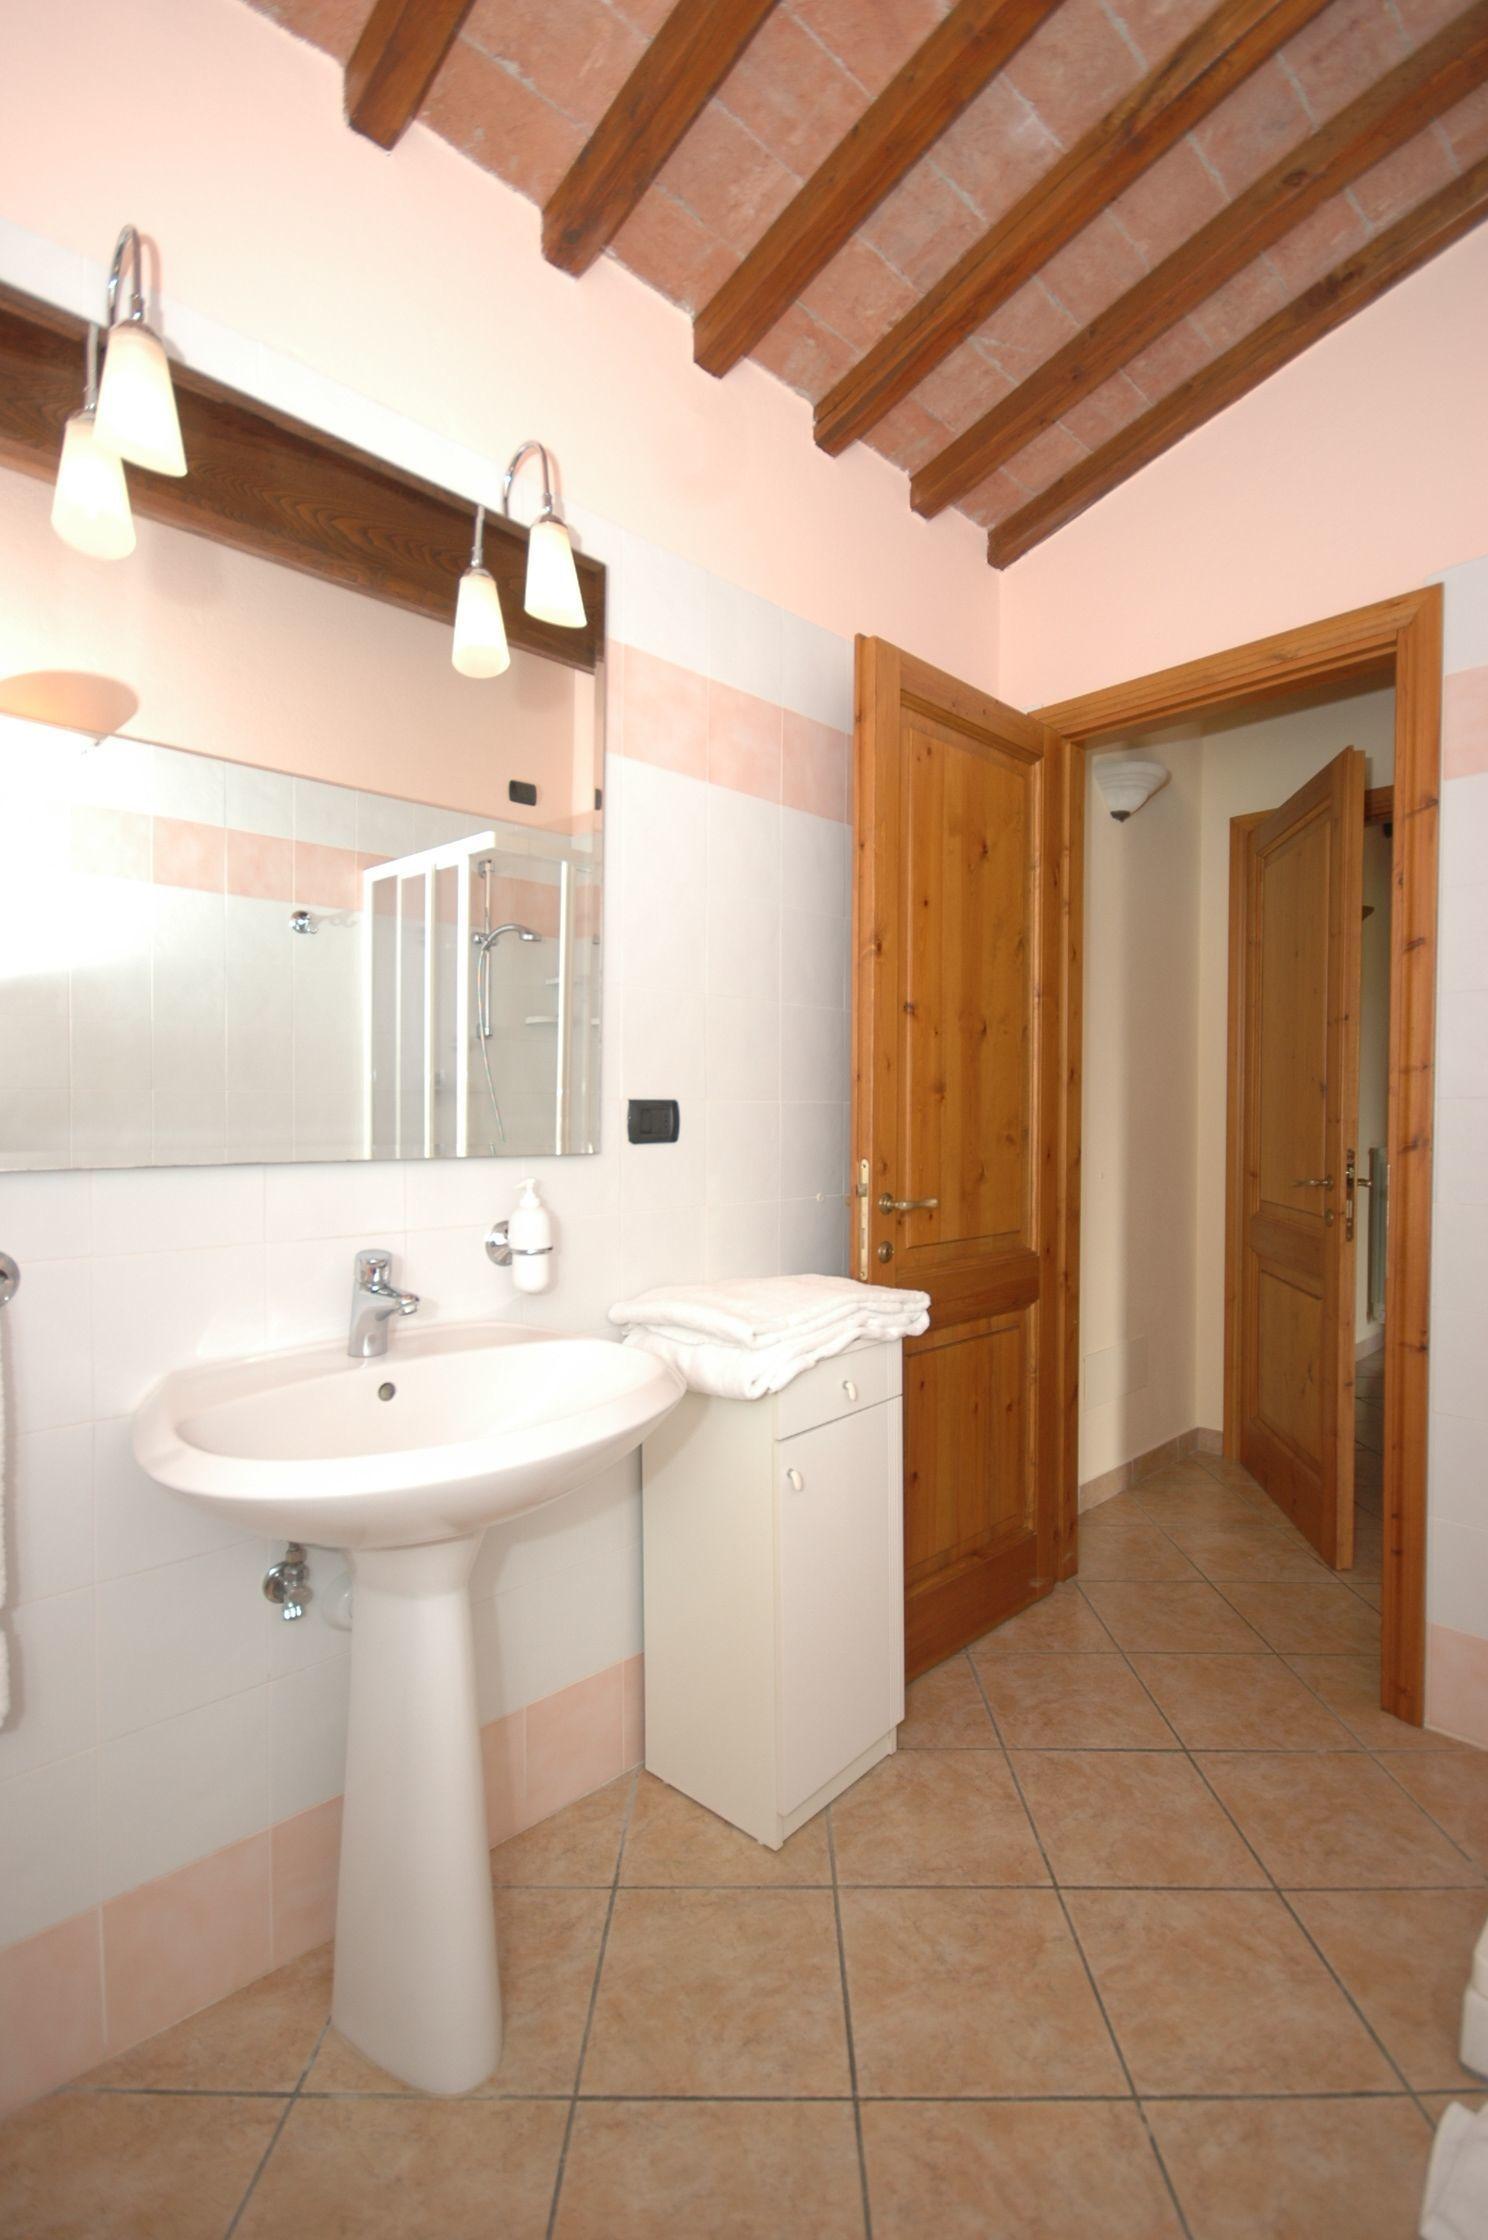 Massi f posti letto 4 in 2 camere casa vacanza a san for 5 camere da letto 4 bagni